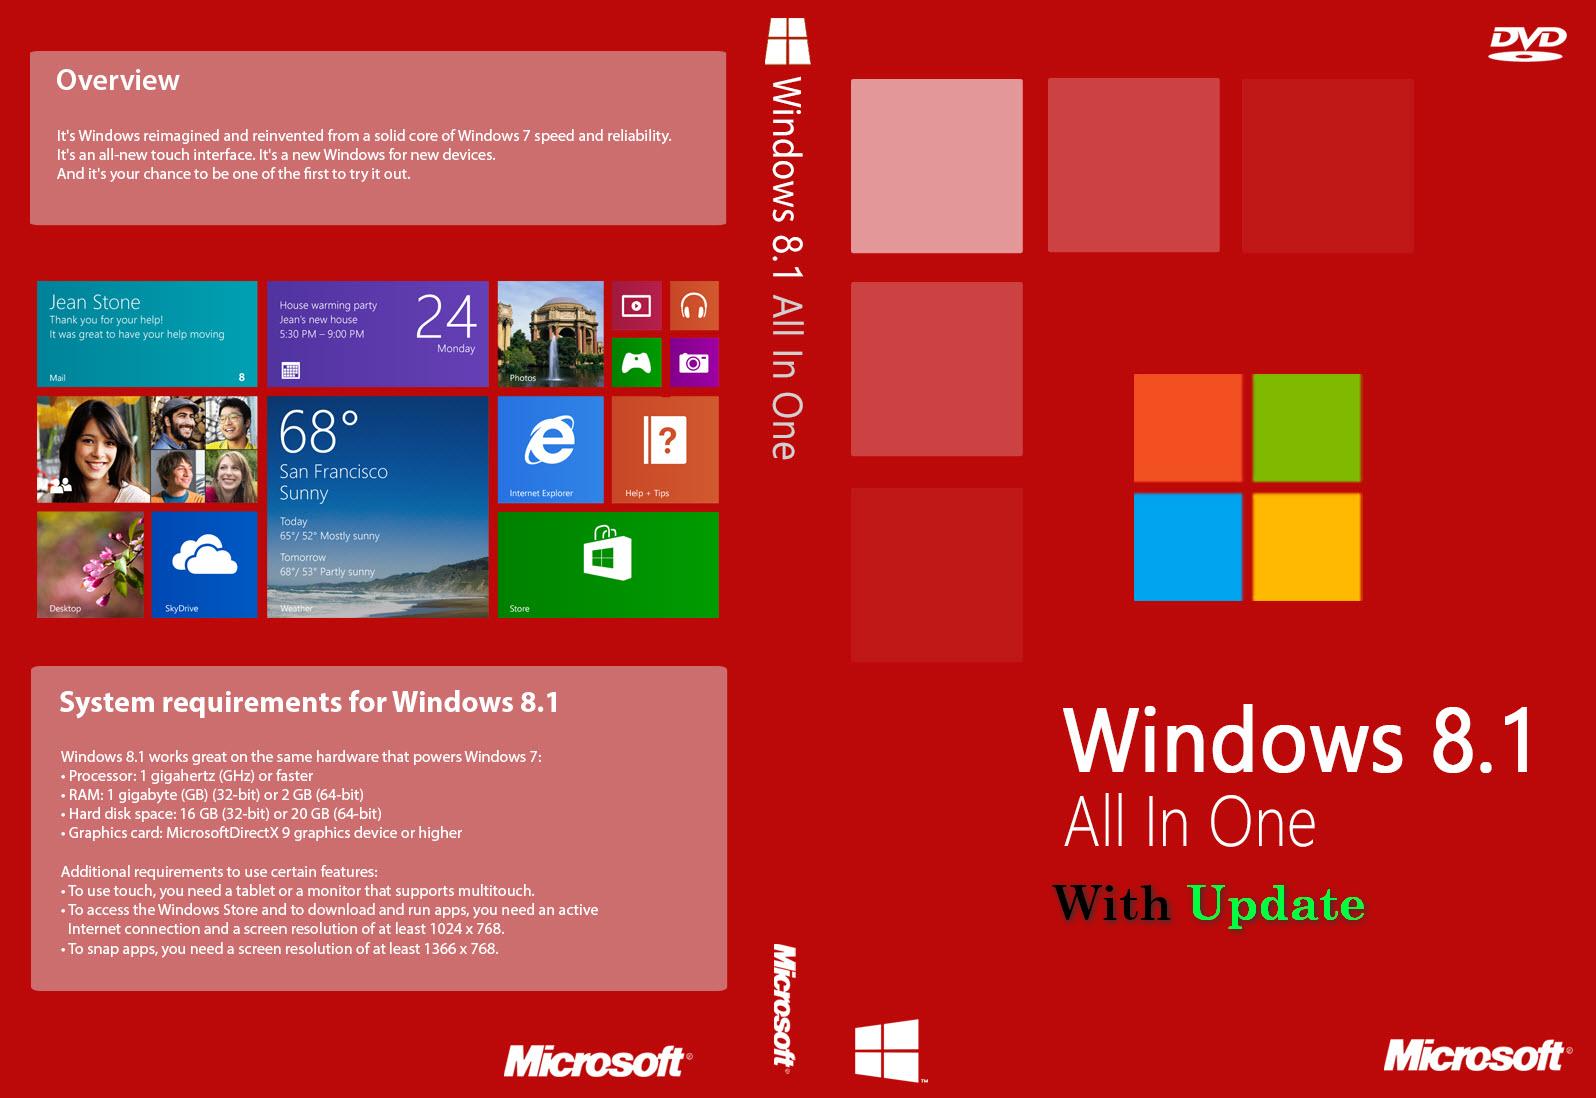 http://3.bp.blogspot.com/-swa-vqcFKYs/U7zaTrGRmwI/AAAAAAAAGEo/X6ZZ2m6SwYw/s1600/Windows+8.1+AIO+24in1+with+Update+x86+v2+en-US+Jun2014.png